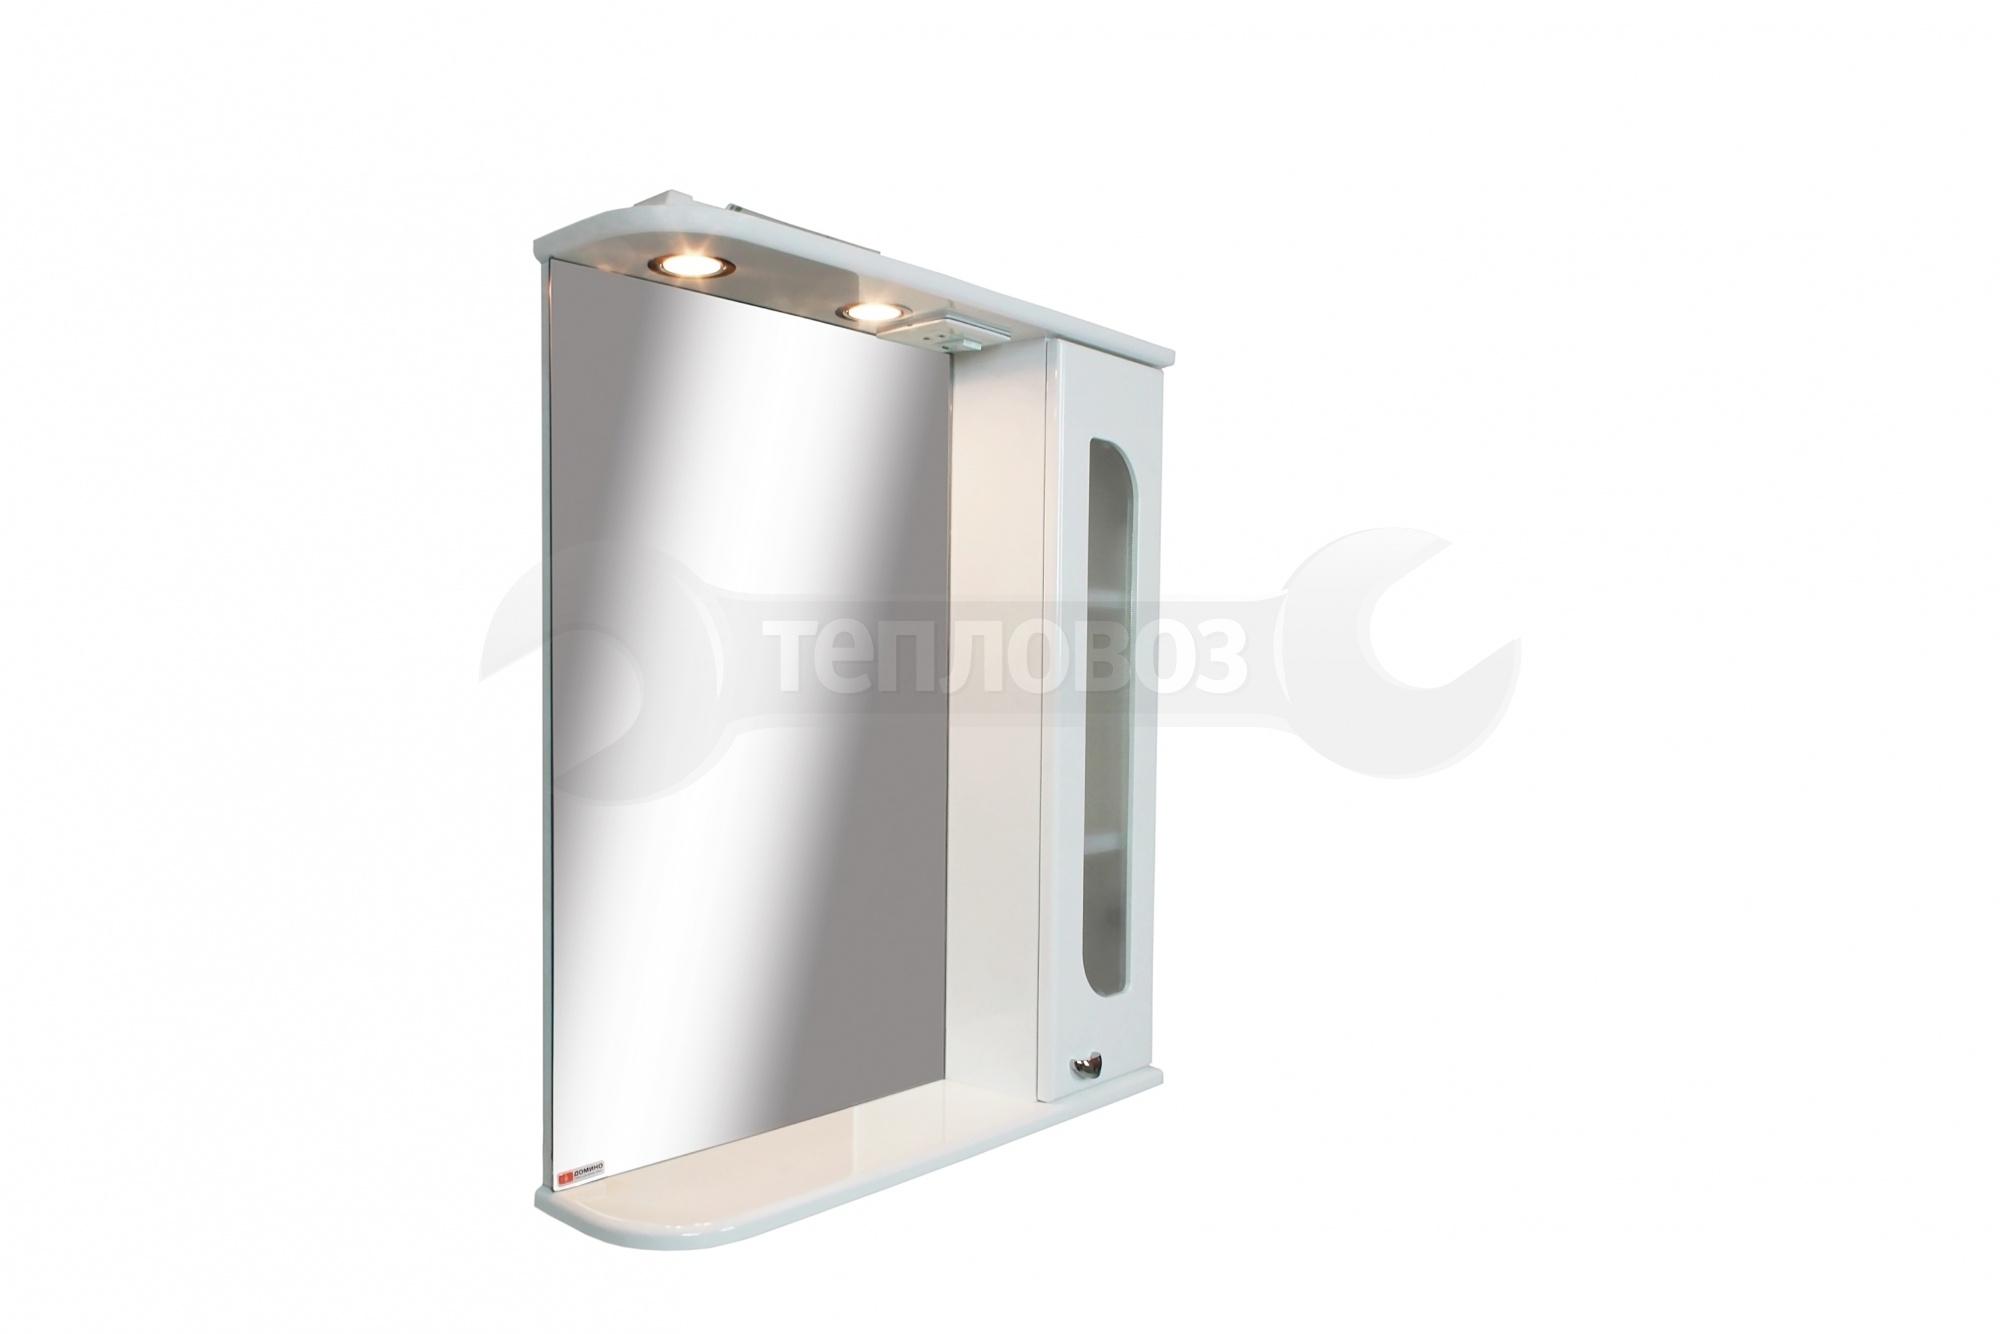 Купить Домино Антика 61,5 см, белый в интернет-магазине Дождь